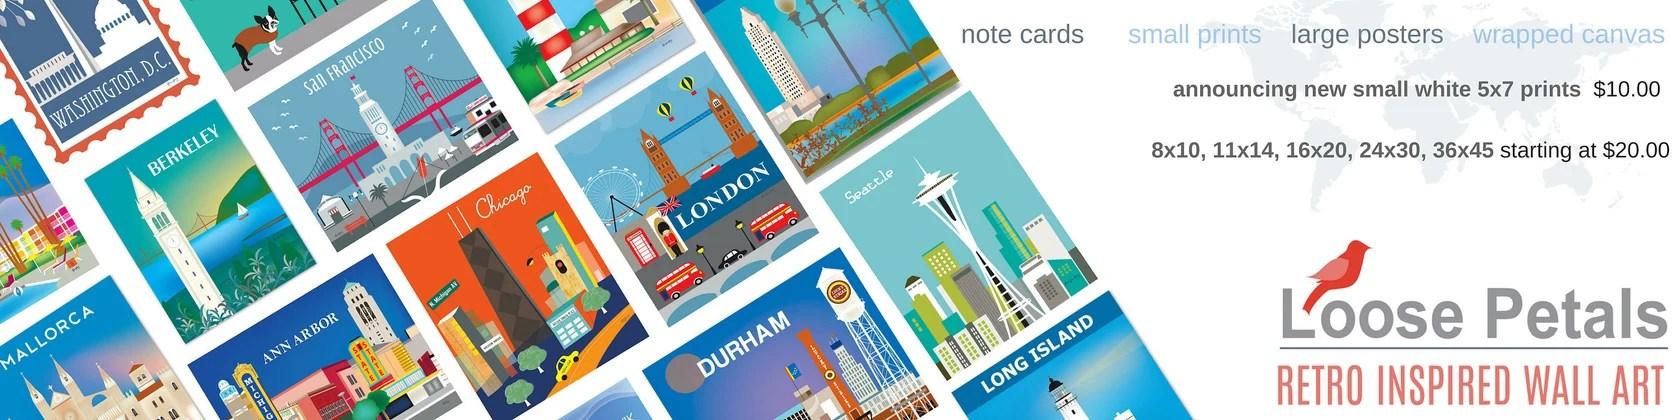 City Art Prints Posters Note Cards Canvas Prints Di Loosepetals